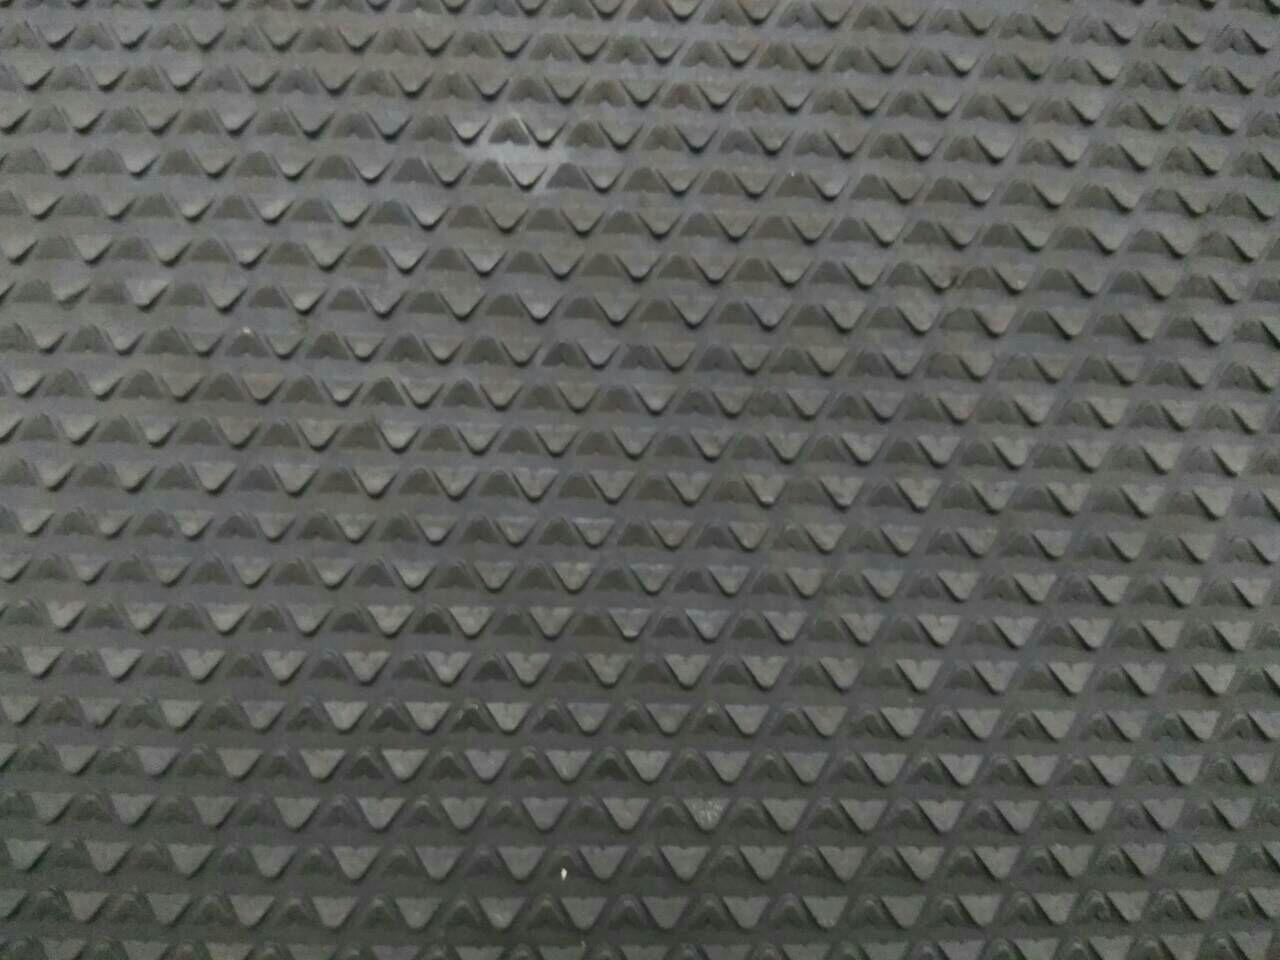 Резина набоечная Треугольник/Зима, 485x485х7 мм, цв. черный